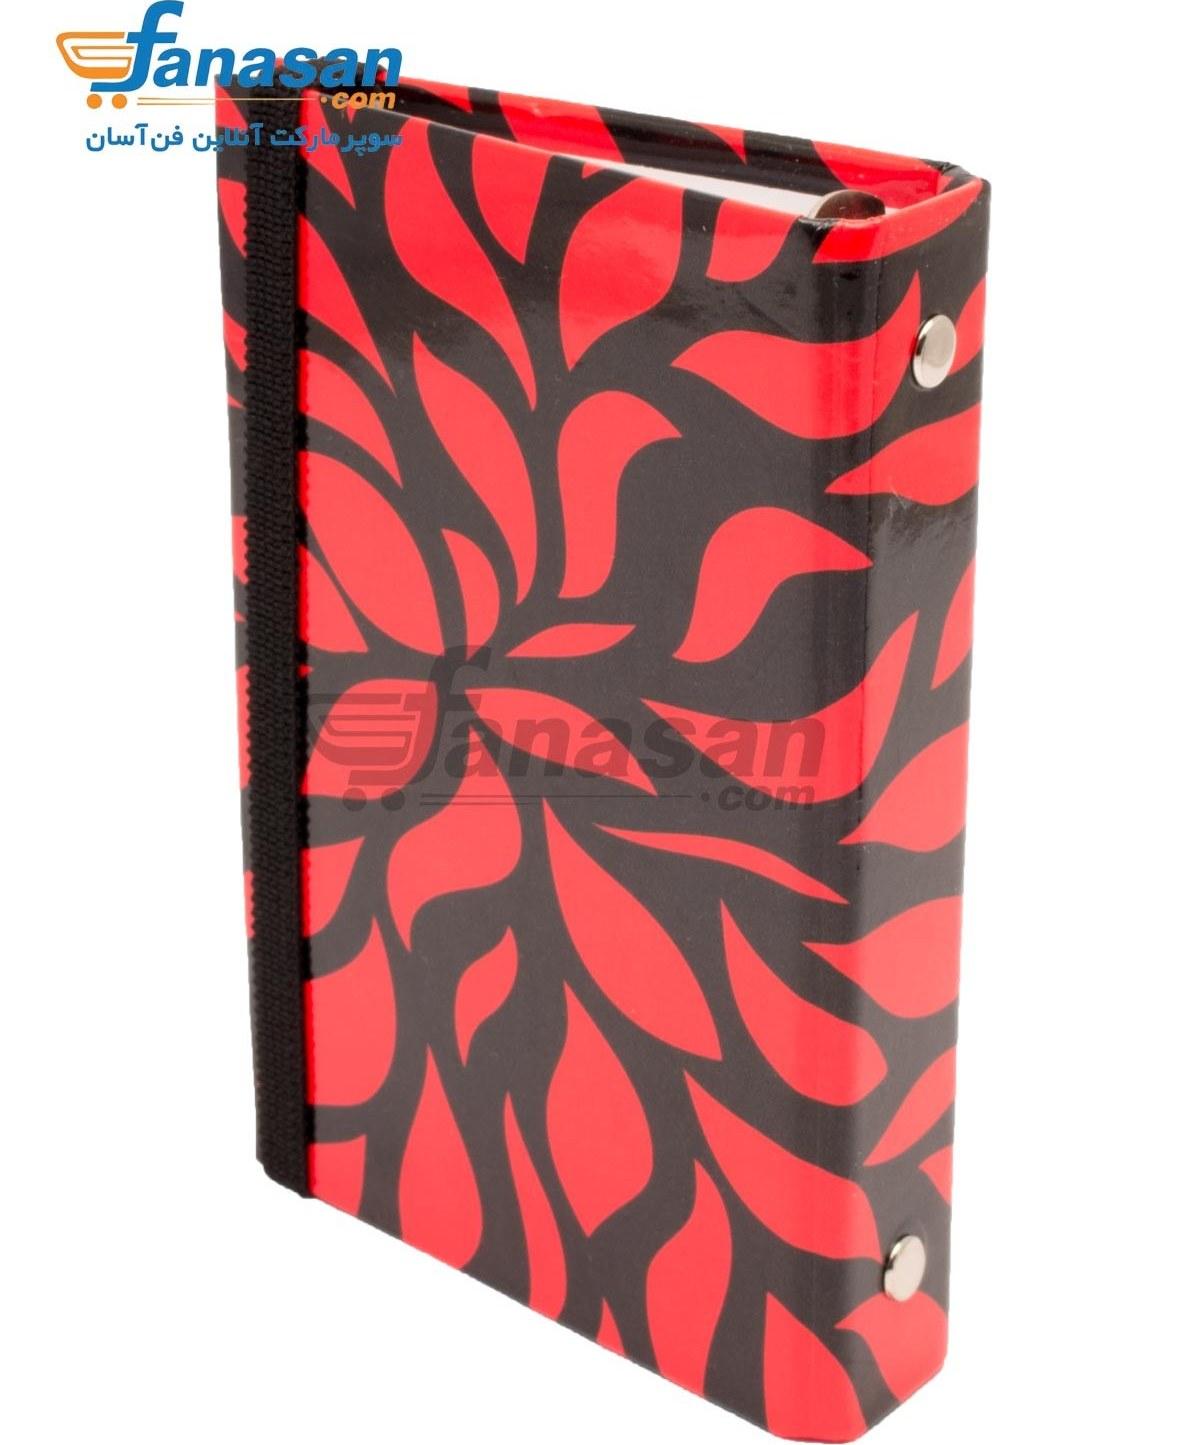 دفتر یادداشت کلاسور کشدار کوچک در طرح های مختلف | Note book kelasor Delayed small